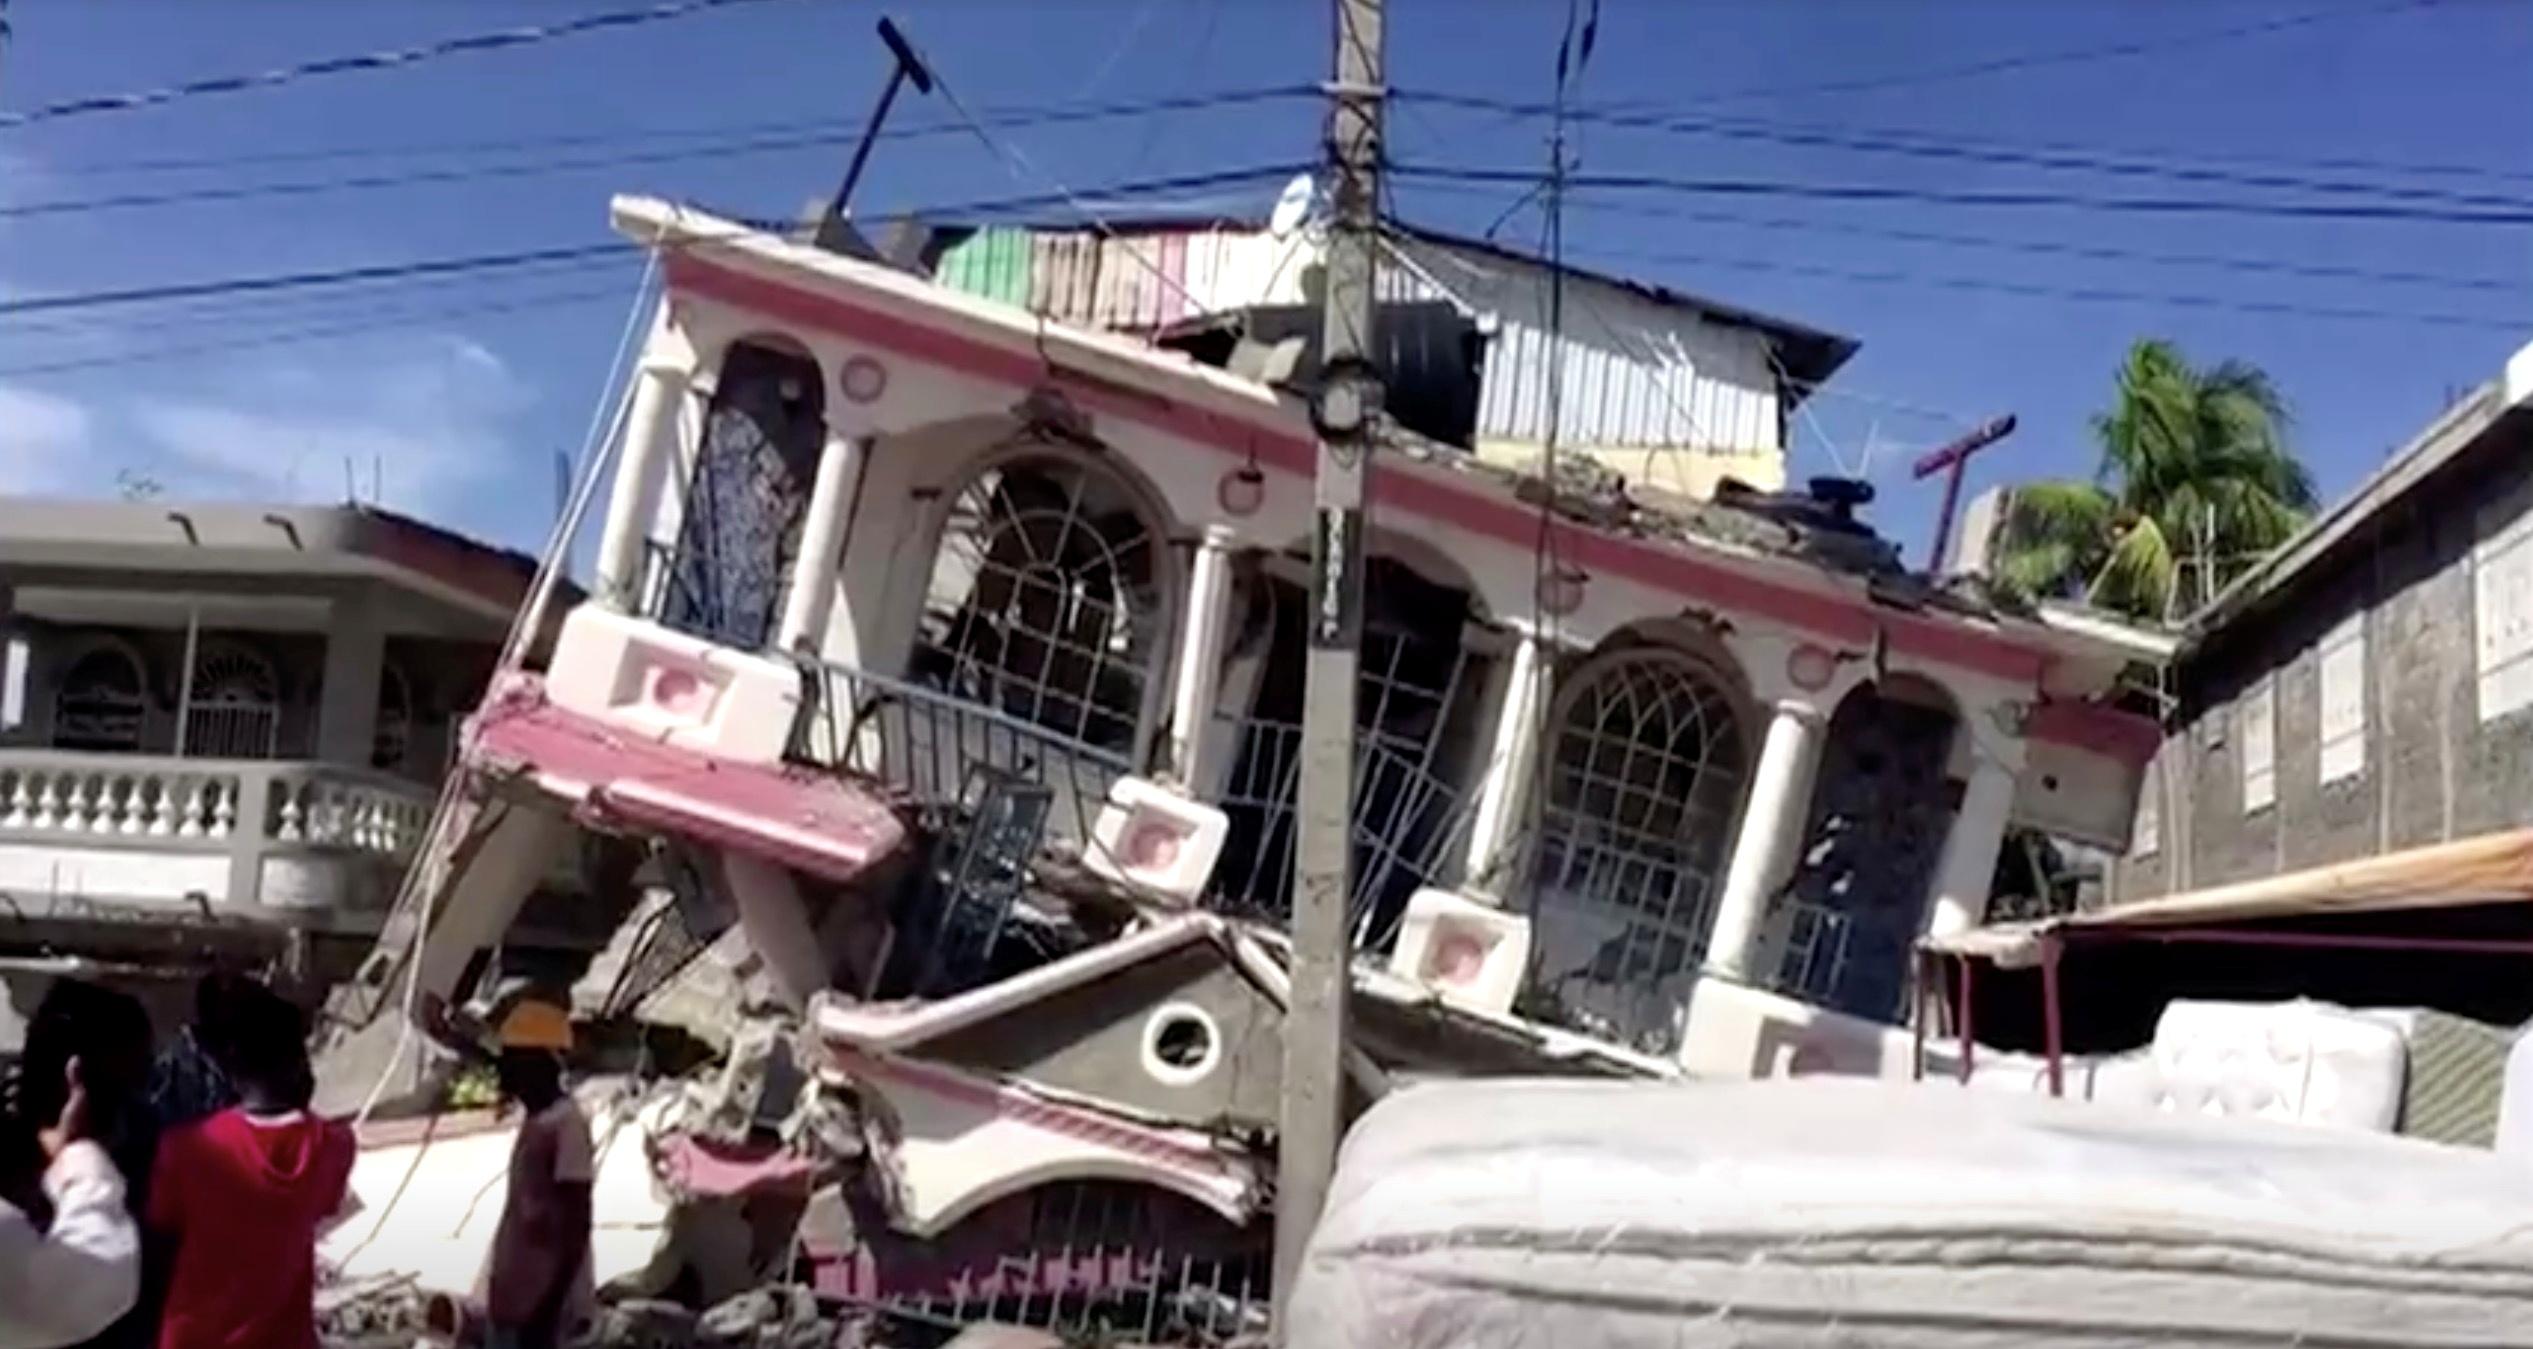 Σεισμός στην Αϊτή: 227 οι νεκροί – Εκατοντάδες τραυματίες και αγνοούμενοι